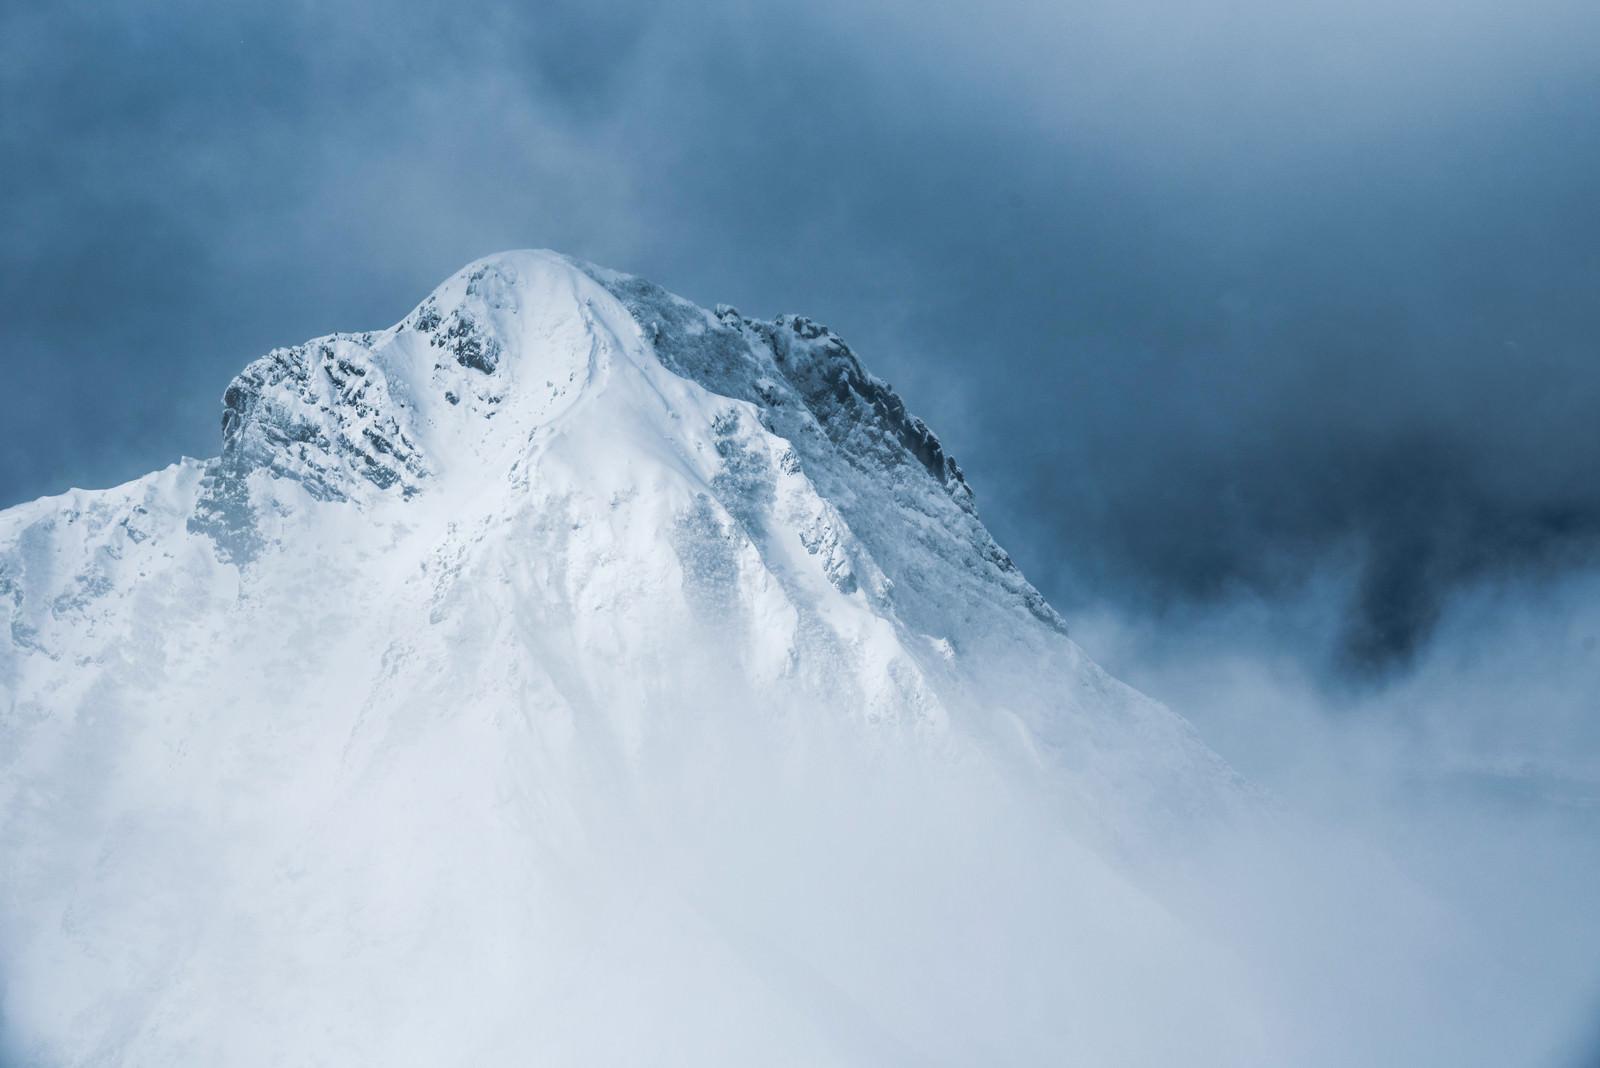 「灰色の雲の切れ間から姿を出した阿弥陀岳(八ヶ岳南部)」の写真